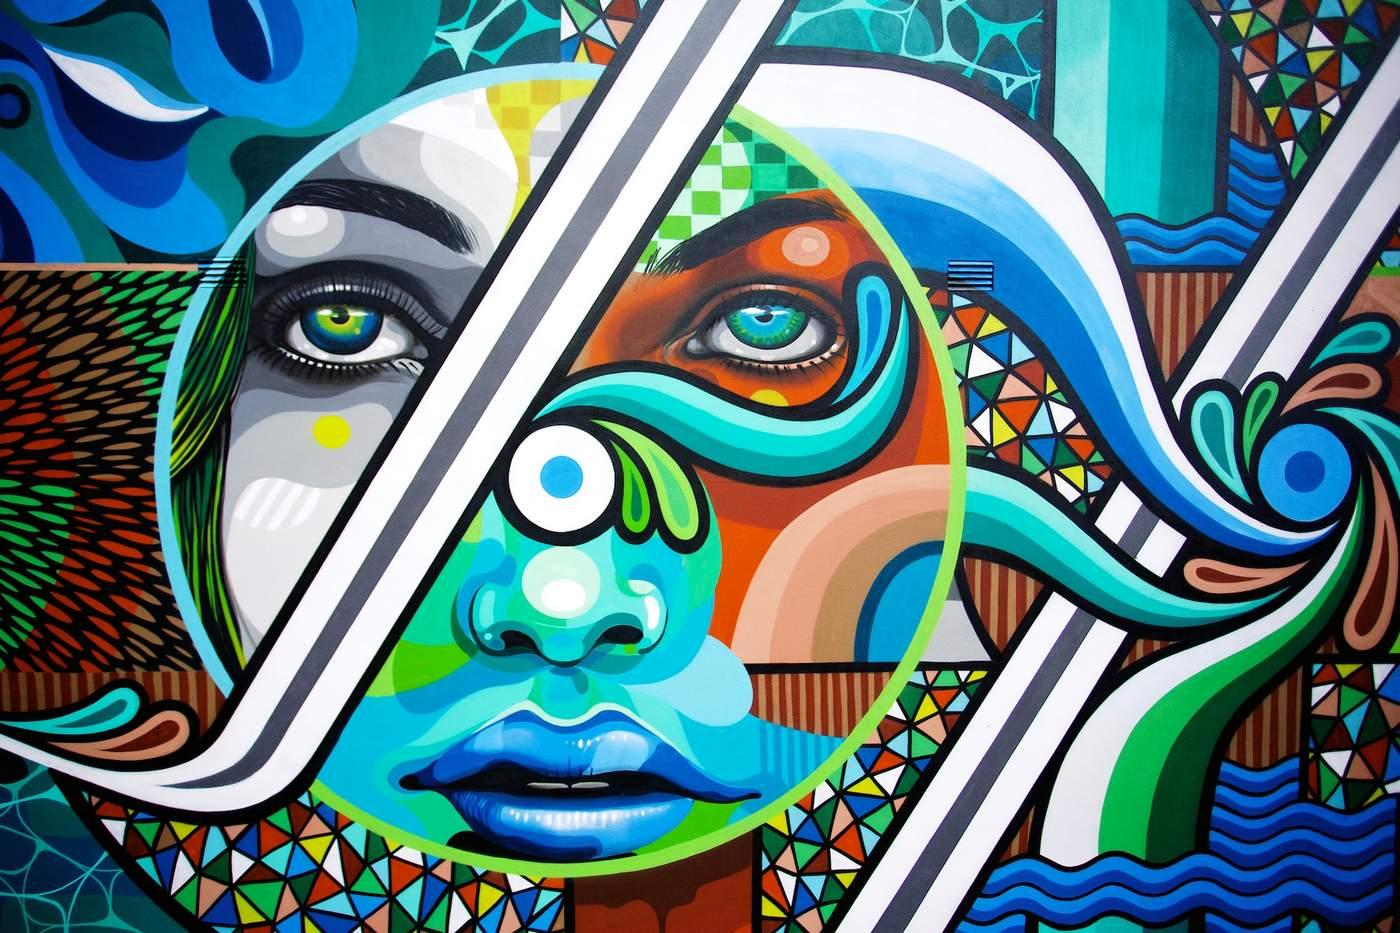 vrouw met abstracte figuren